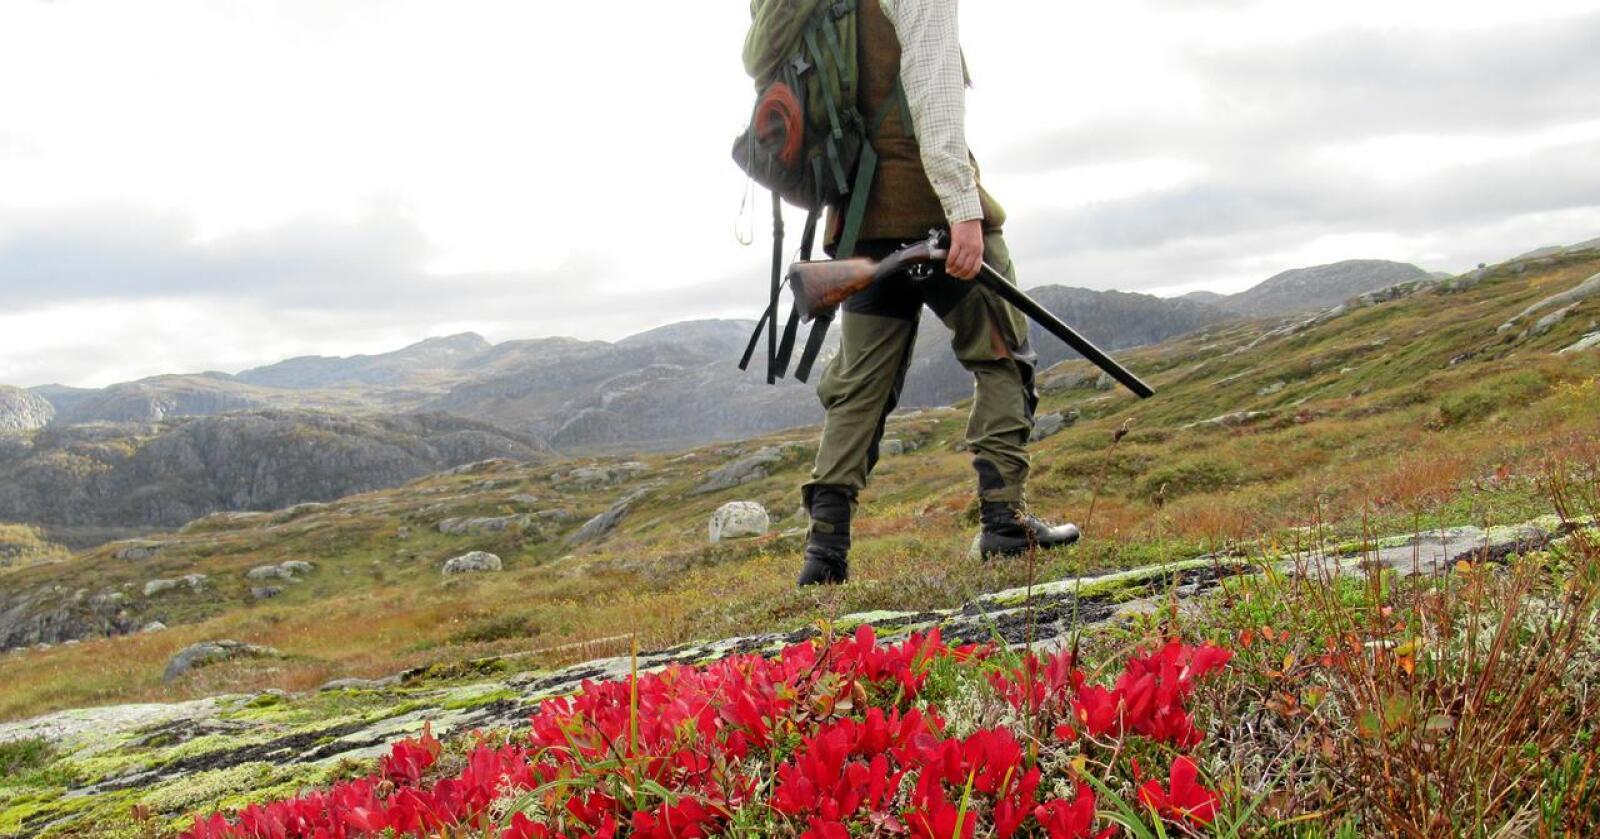 Njardarheim er et fjellområde i Setesdal Vesthei med en særs interessant historie. Illustrasjonsfoto: Trond Gunnar Skillingstad/ Statskog SF